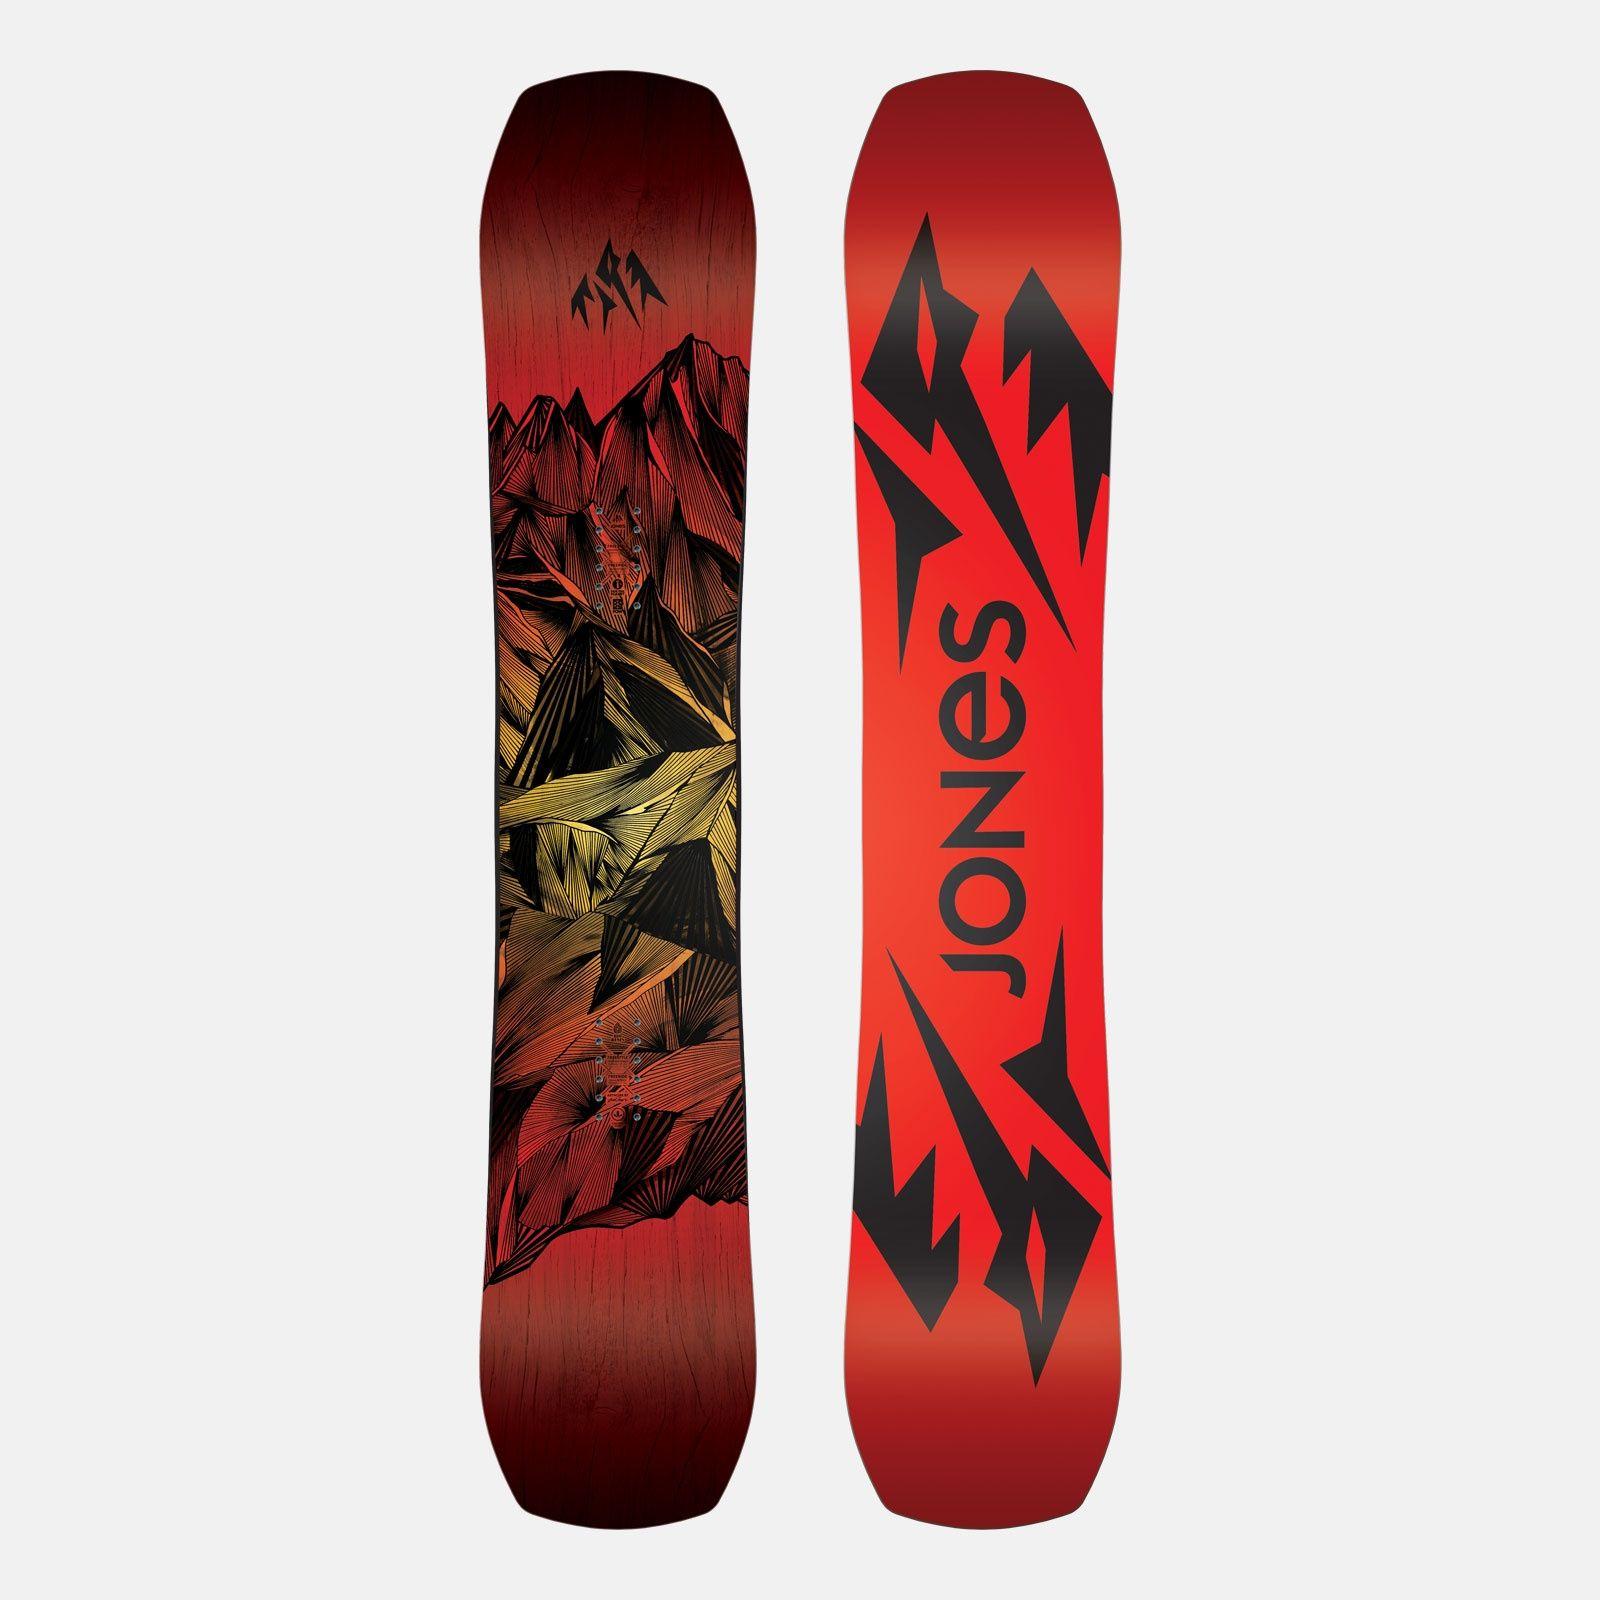 Jones Snowboard Moutain Twin 2021